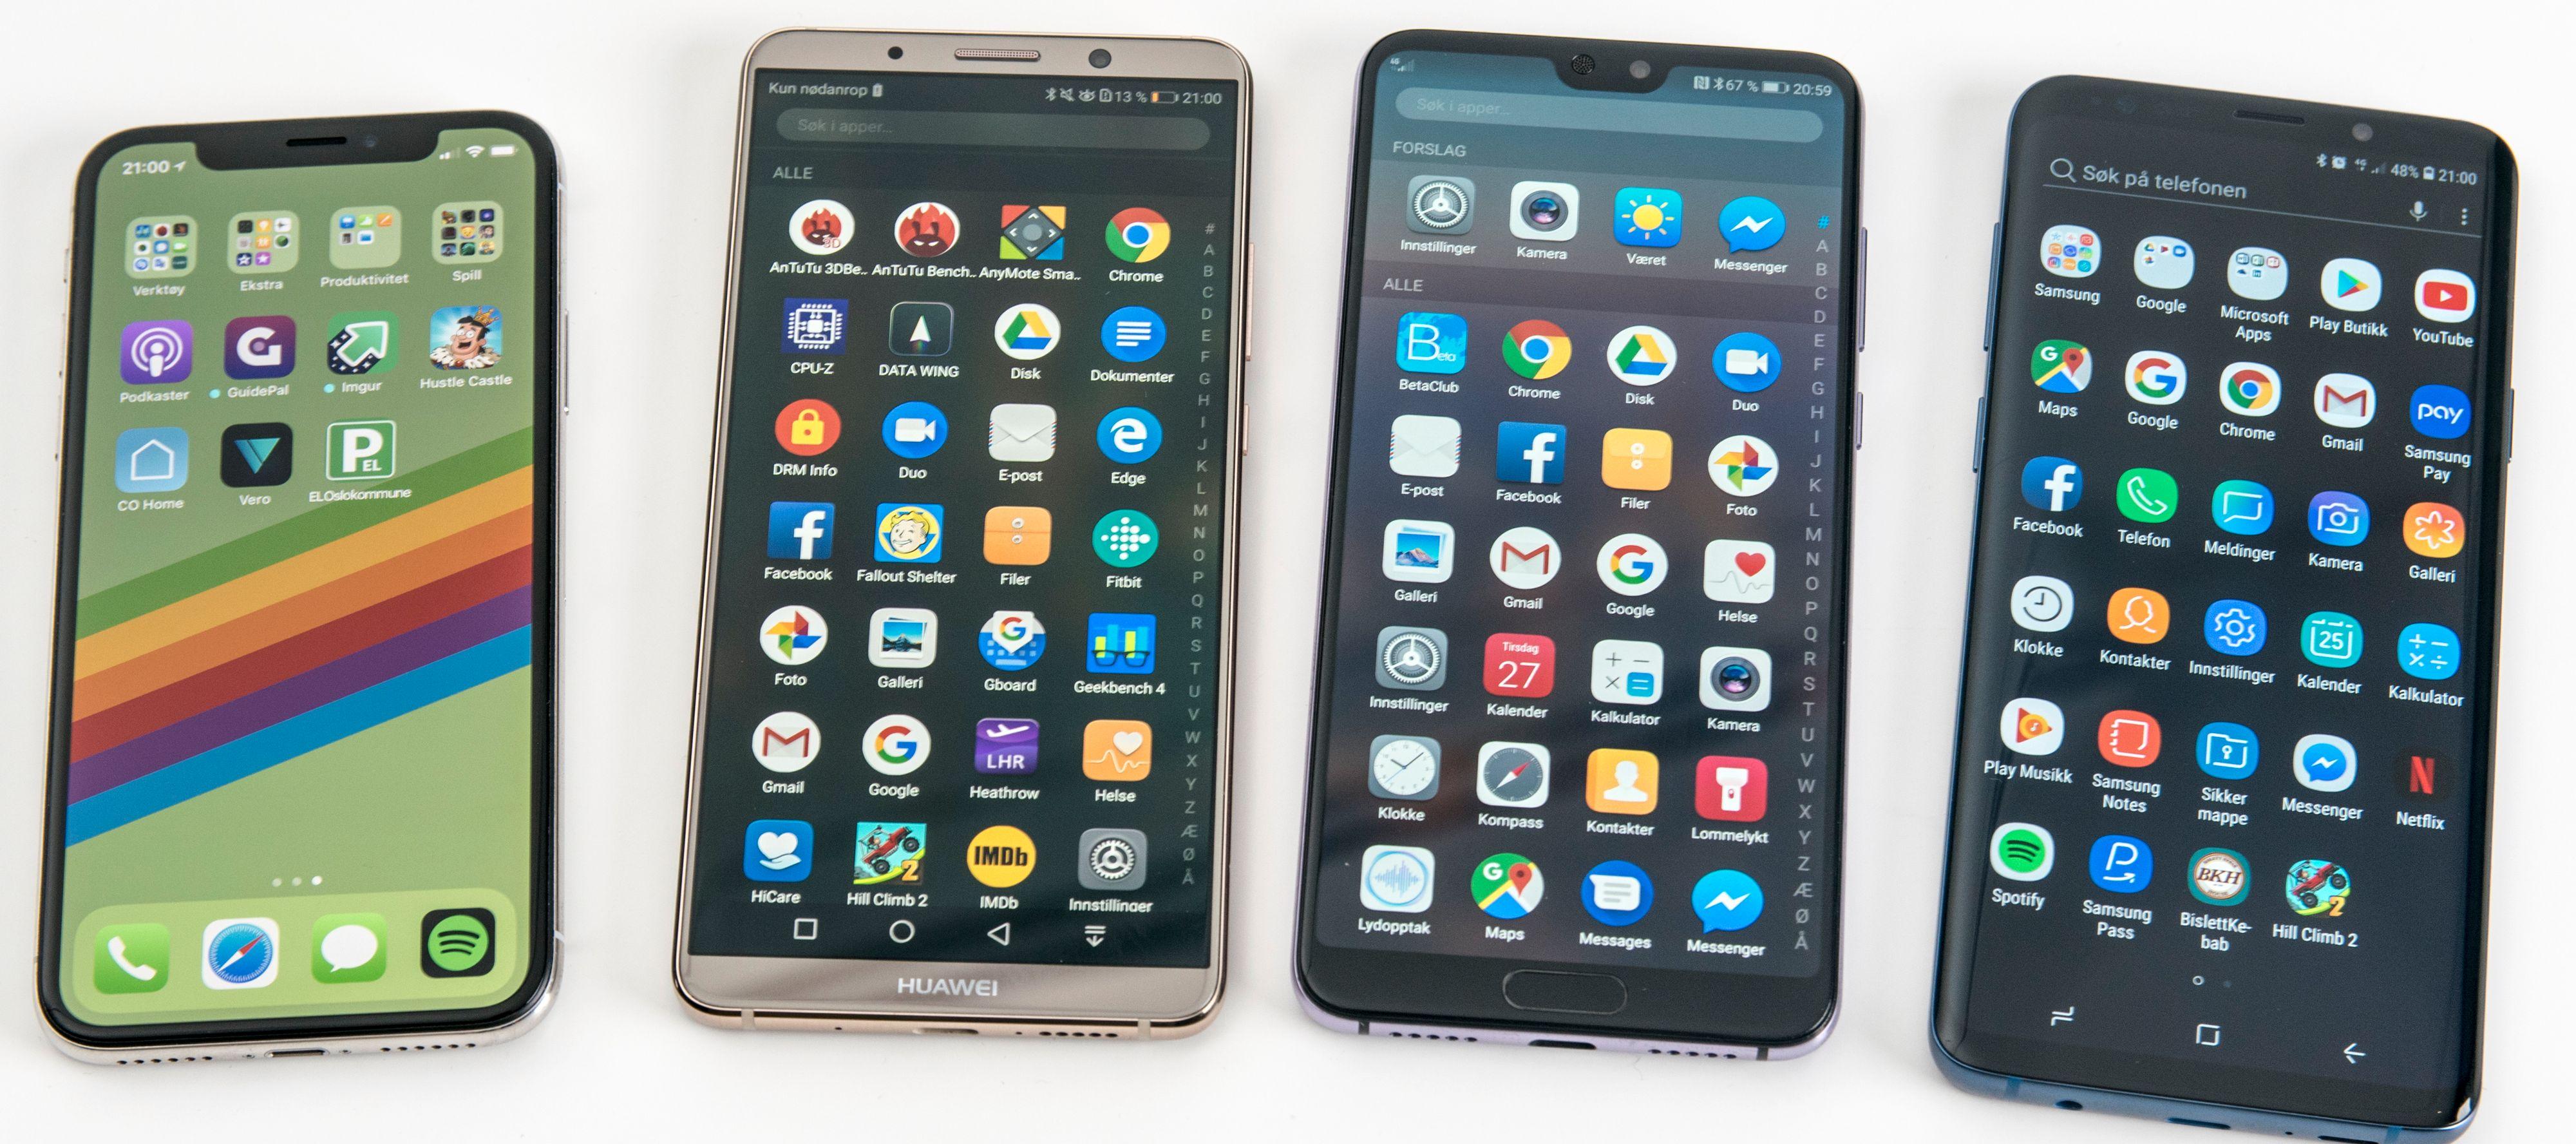 Mate 10 Pro, nummer to fra venstre, er allerede en av favorittmobilene våre fra i fjor. Kan P20 Pro overgå den lynraske evighetsmaskinen som veldig sjelden må lades? Ytterst til venstre iPhone X og ytterst til høyre Galaxy S9+.